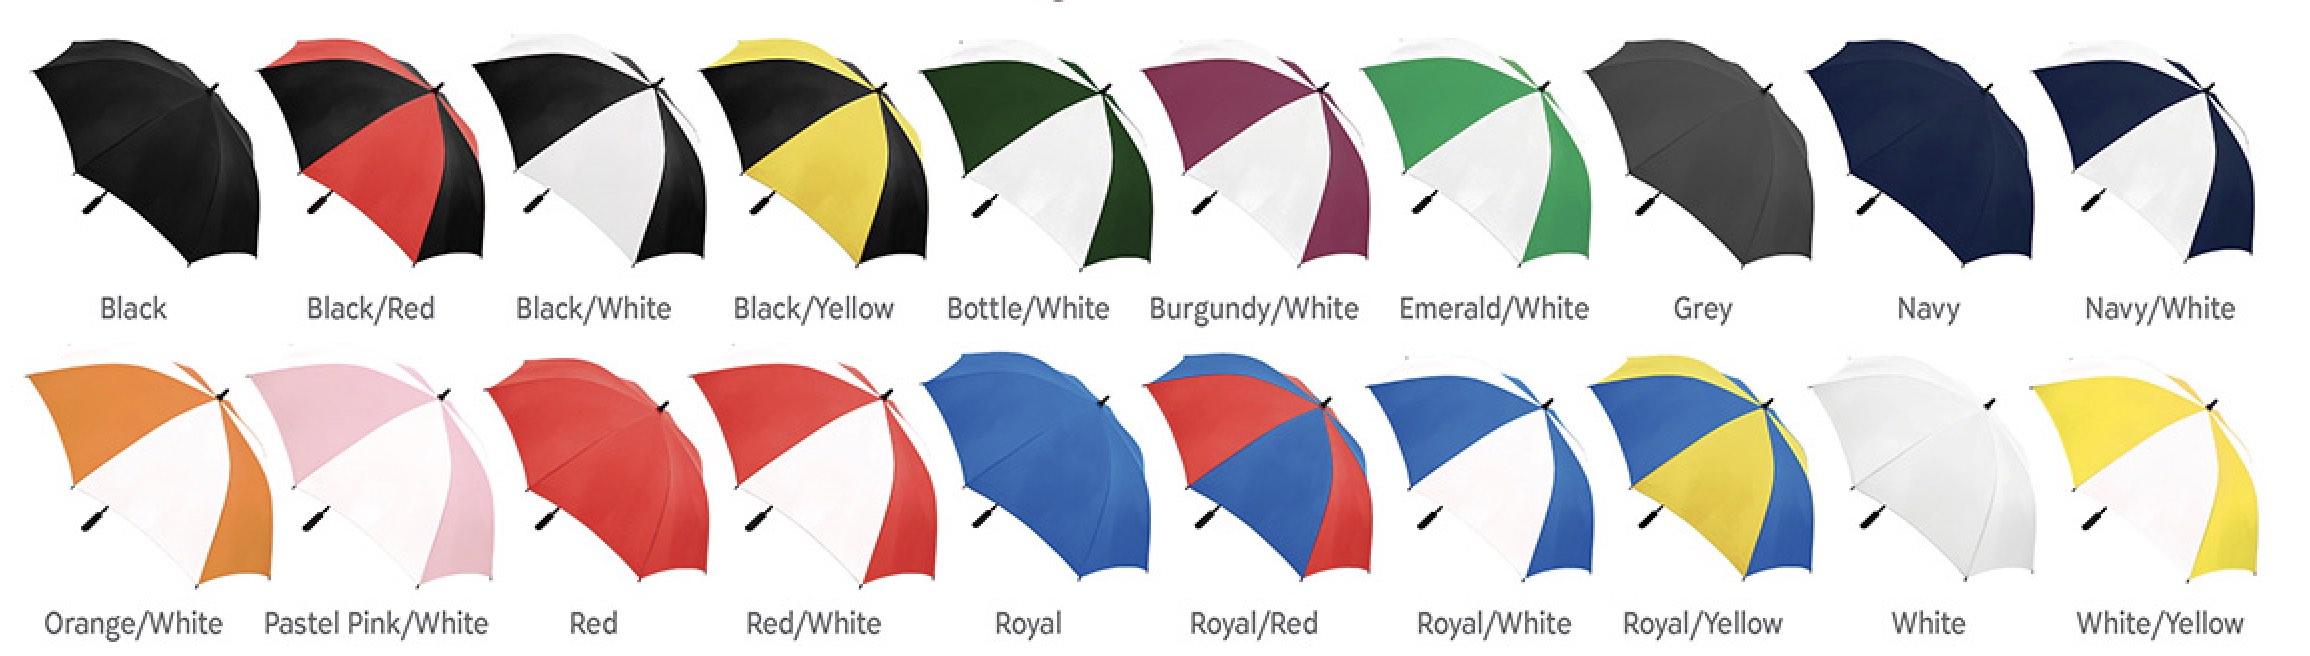 Umbra Gusto Colour Ways